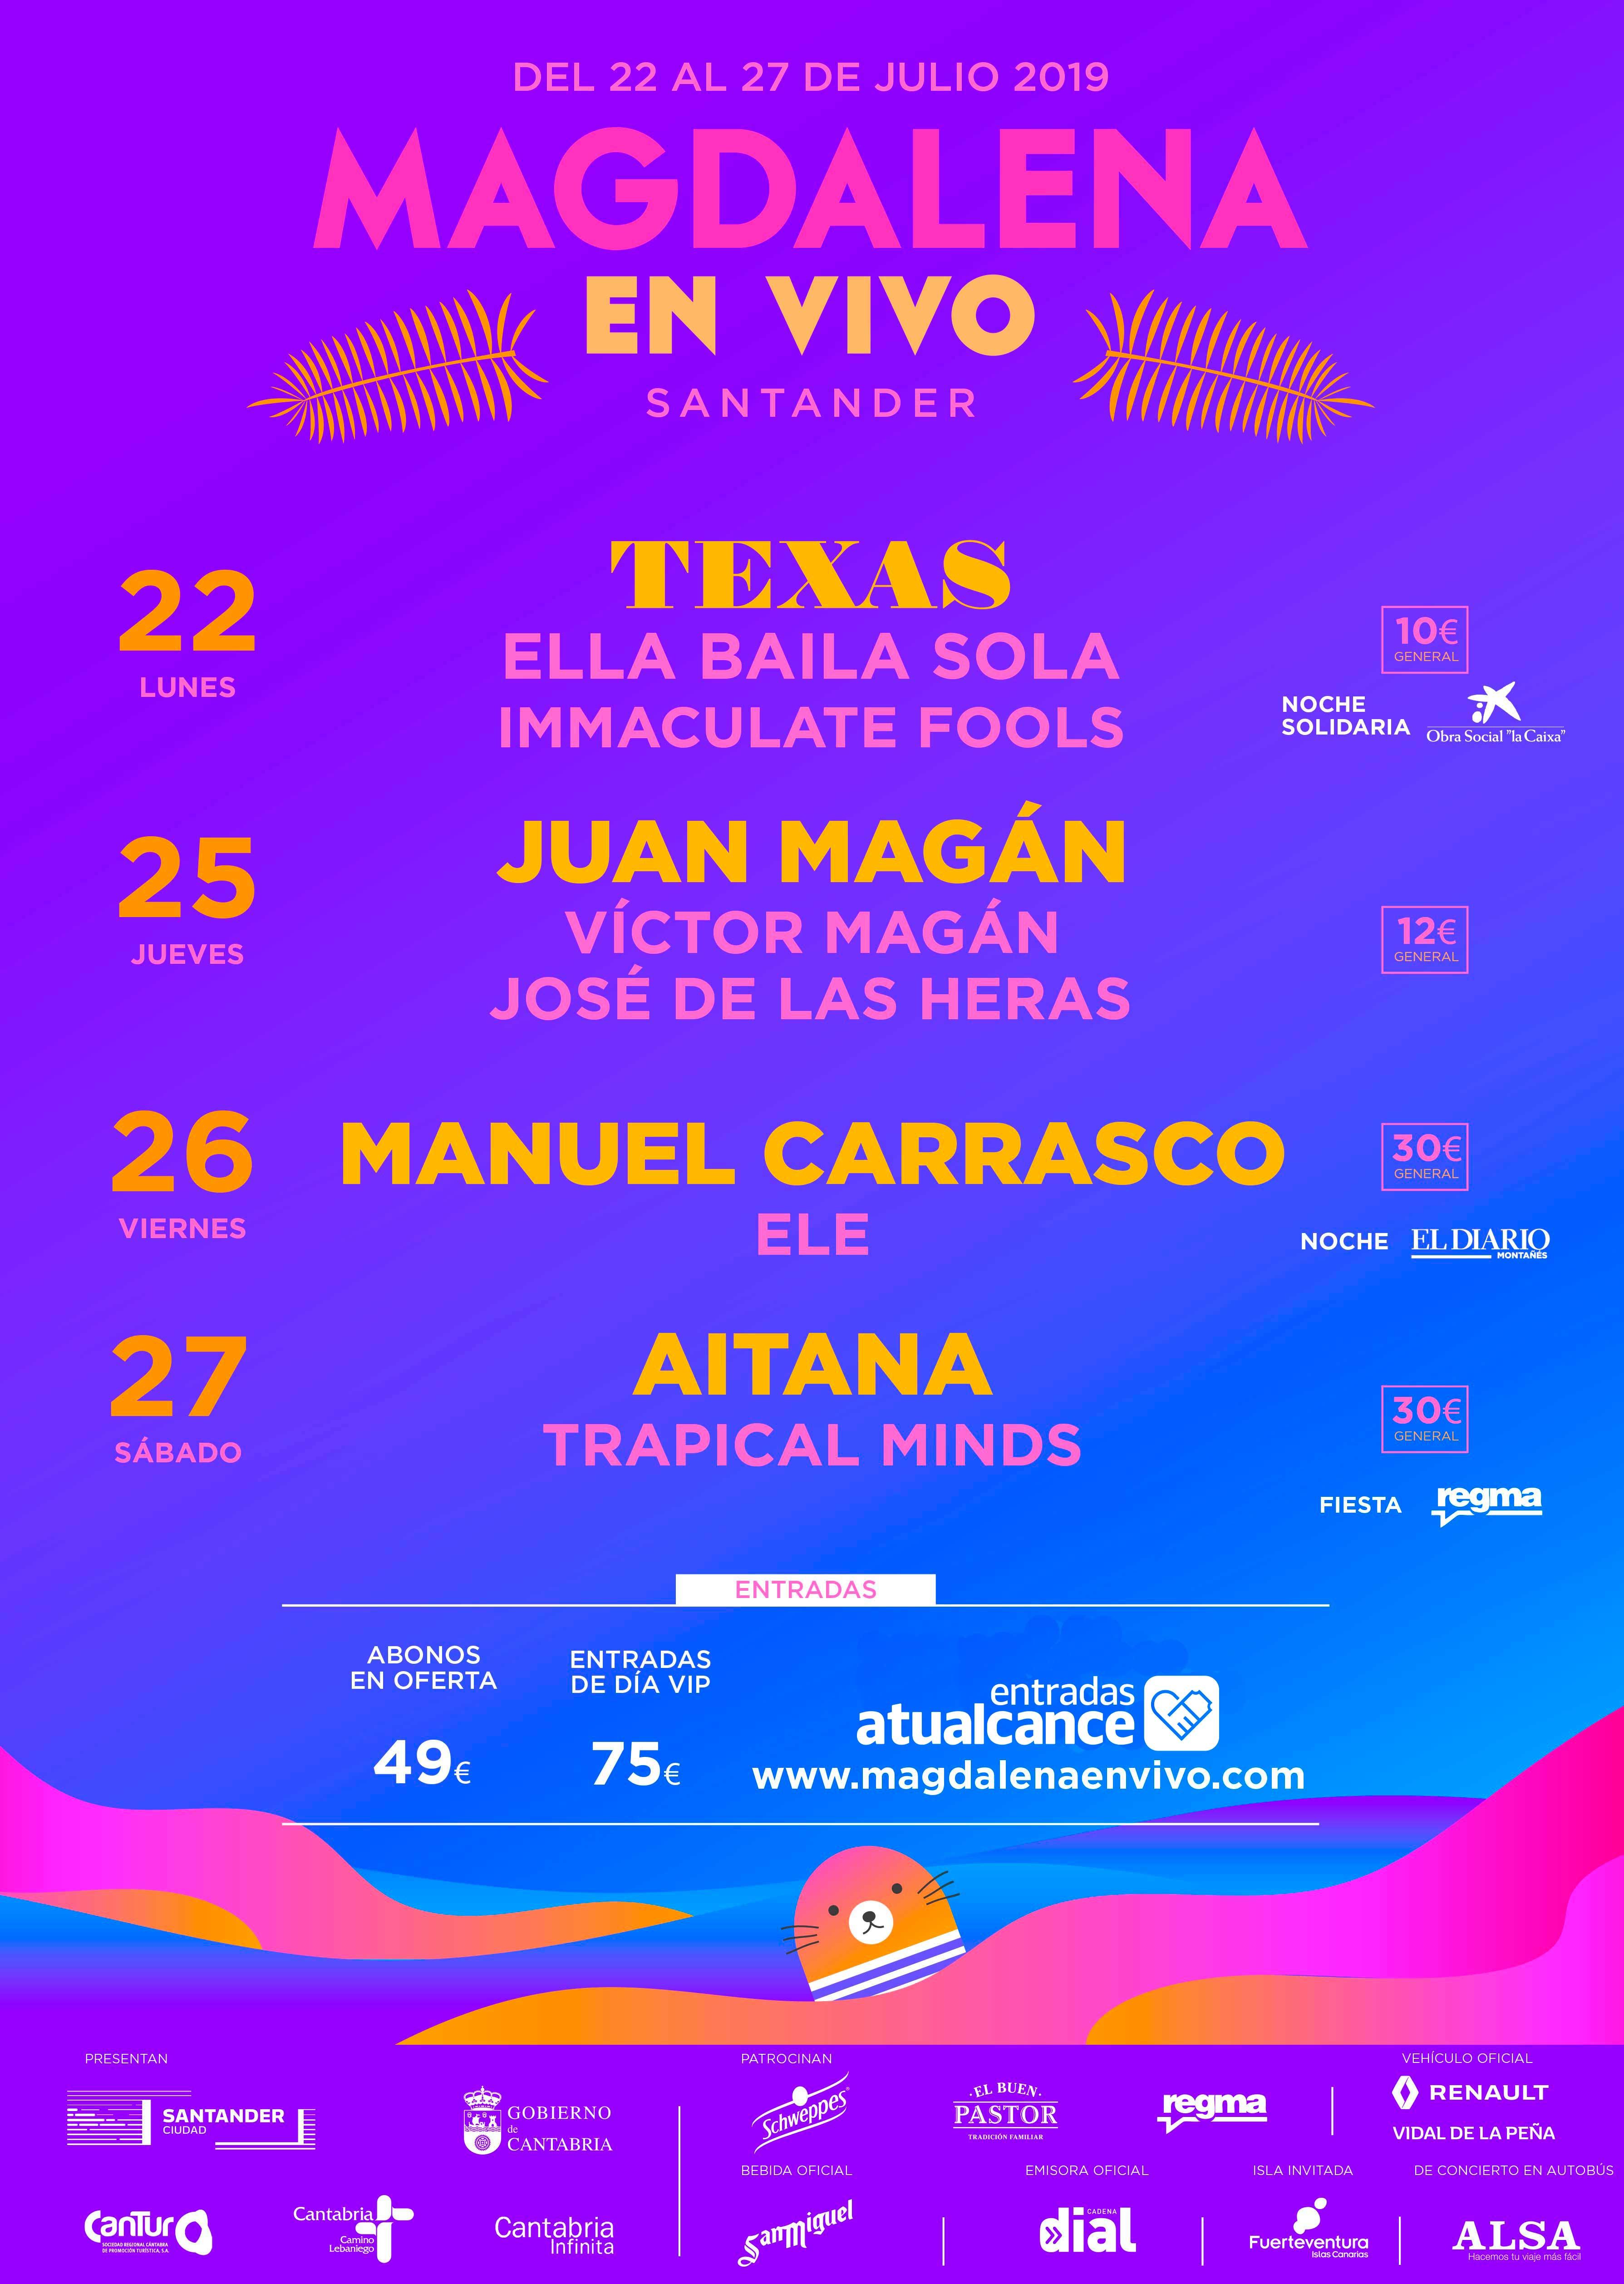 magdalena-en-vivo-22-25-26-y-27-de-julio